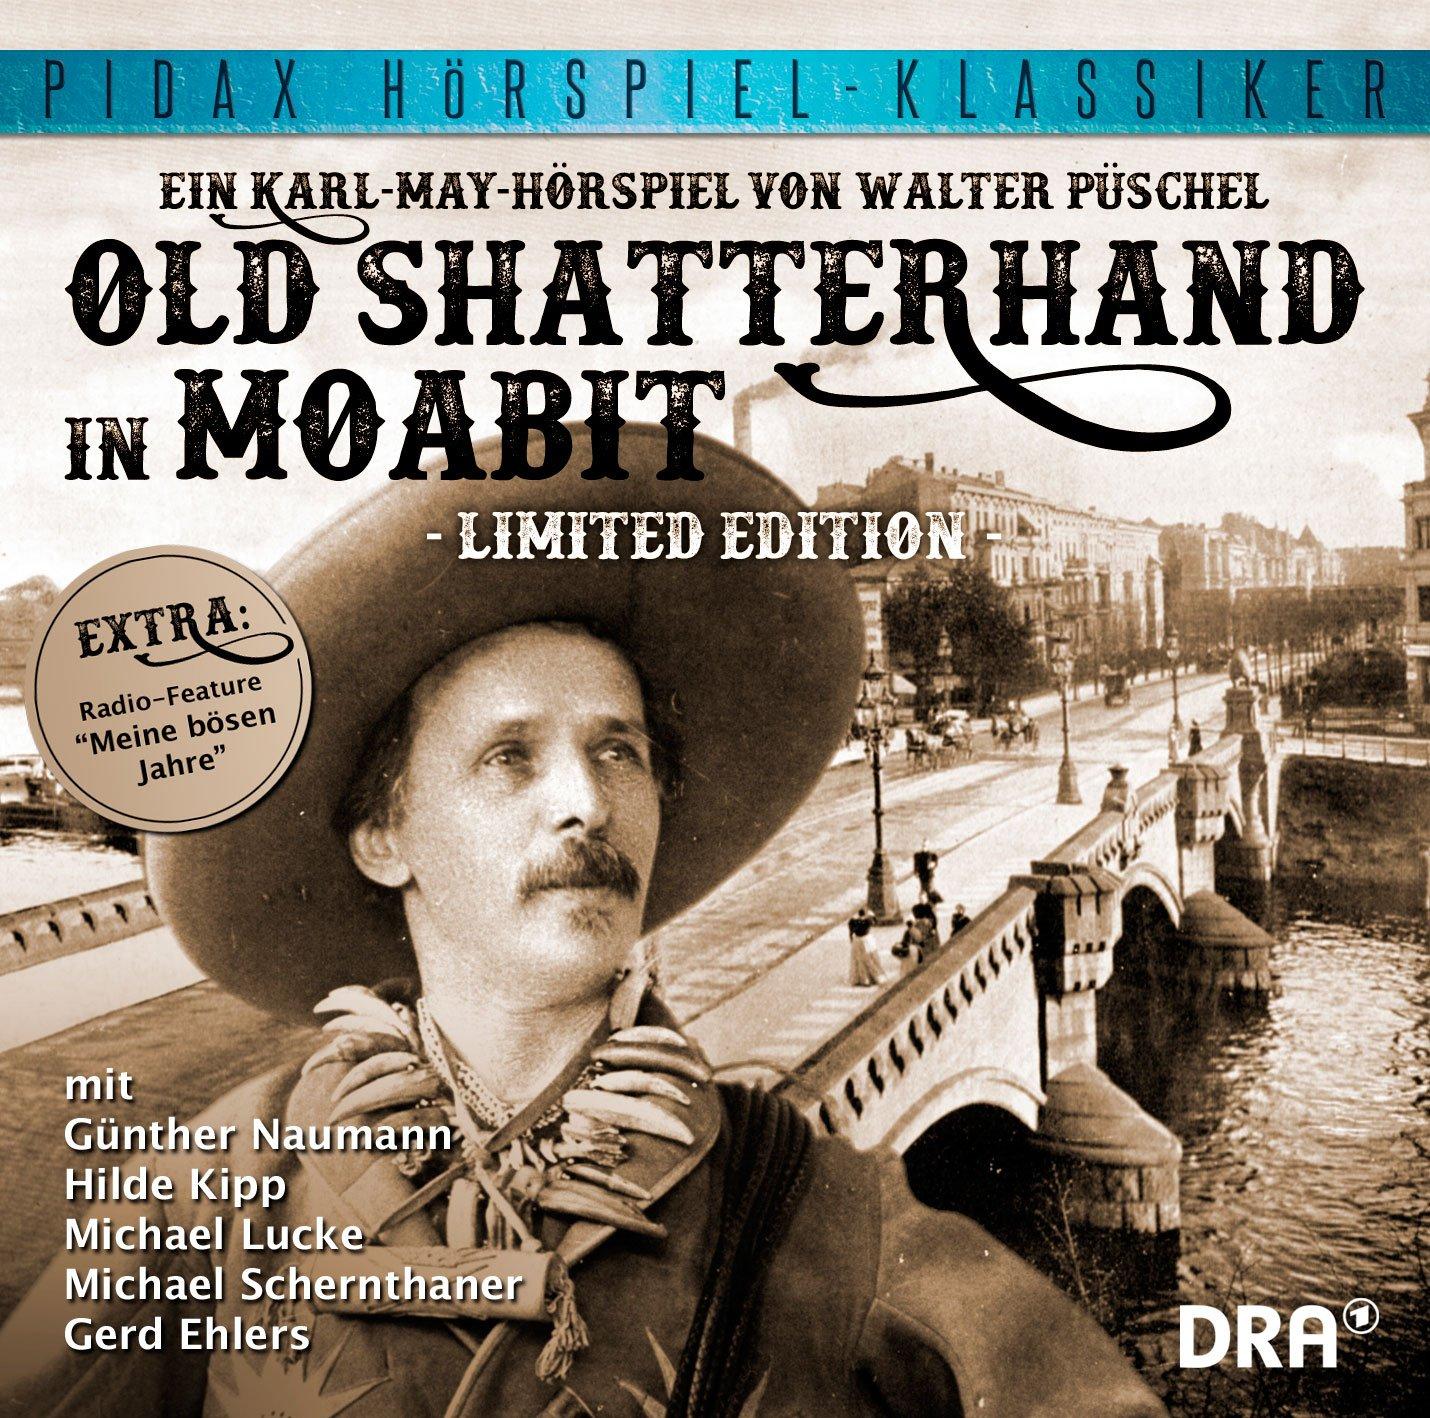 Pidax Hörspiel-Klassiker - Old Shatterhand in Moabit (Walter Püschel) Rundfunk der DDR 1988 / Pidax 2015